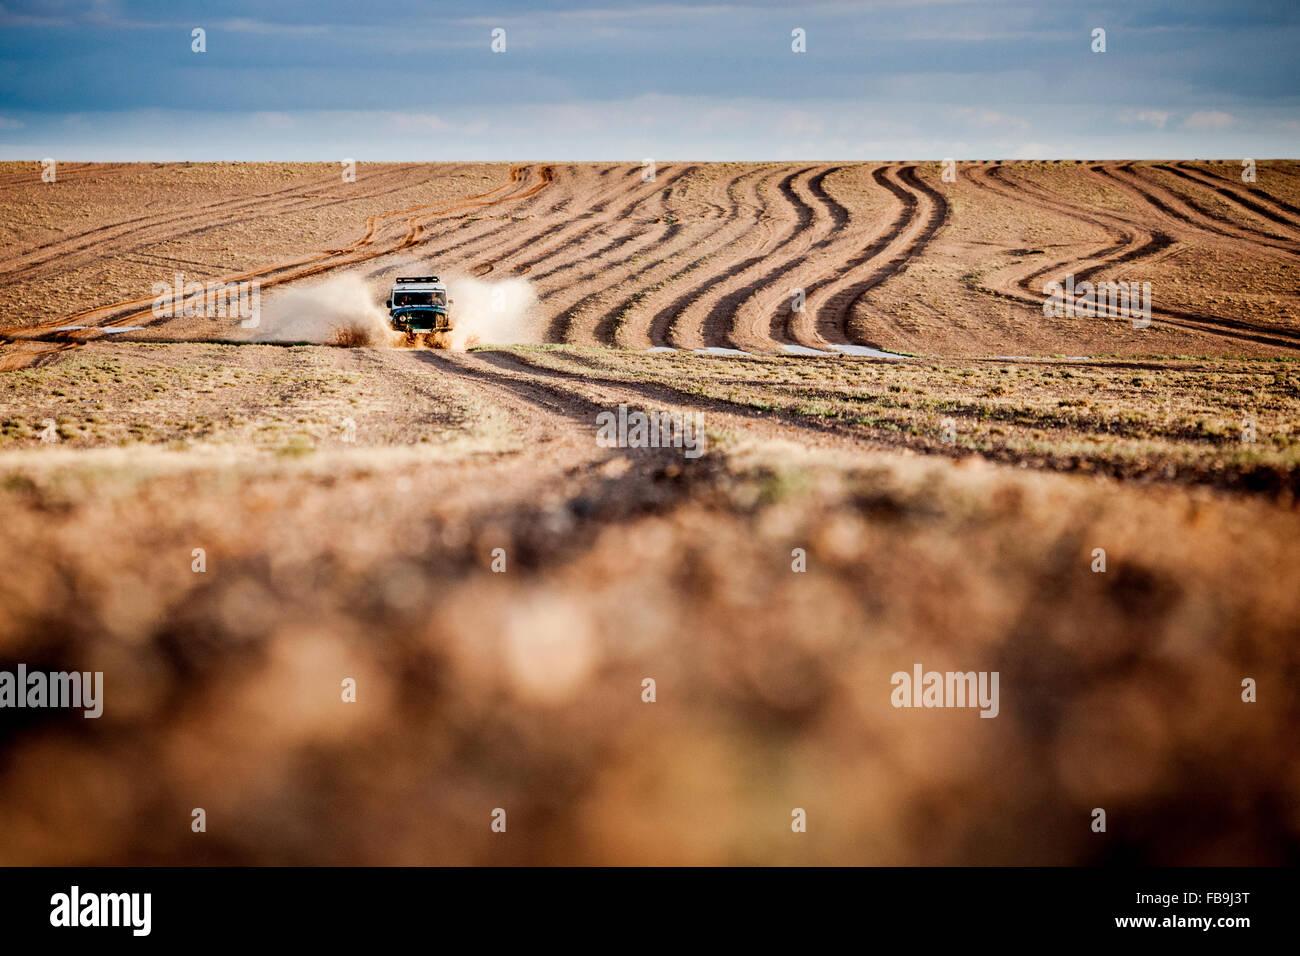 Eine russische 4WD in Aktion in der Gobi-Wüste, Mongolei. Stockbild